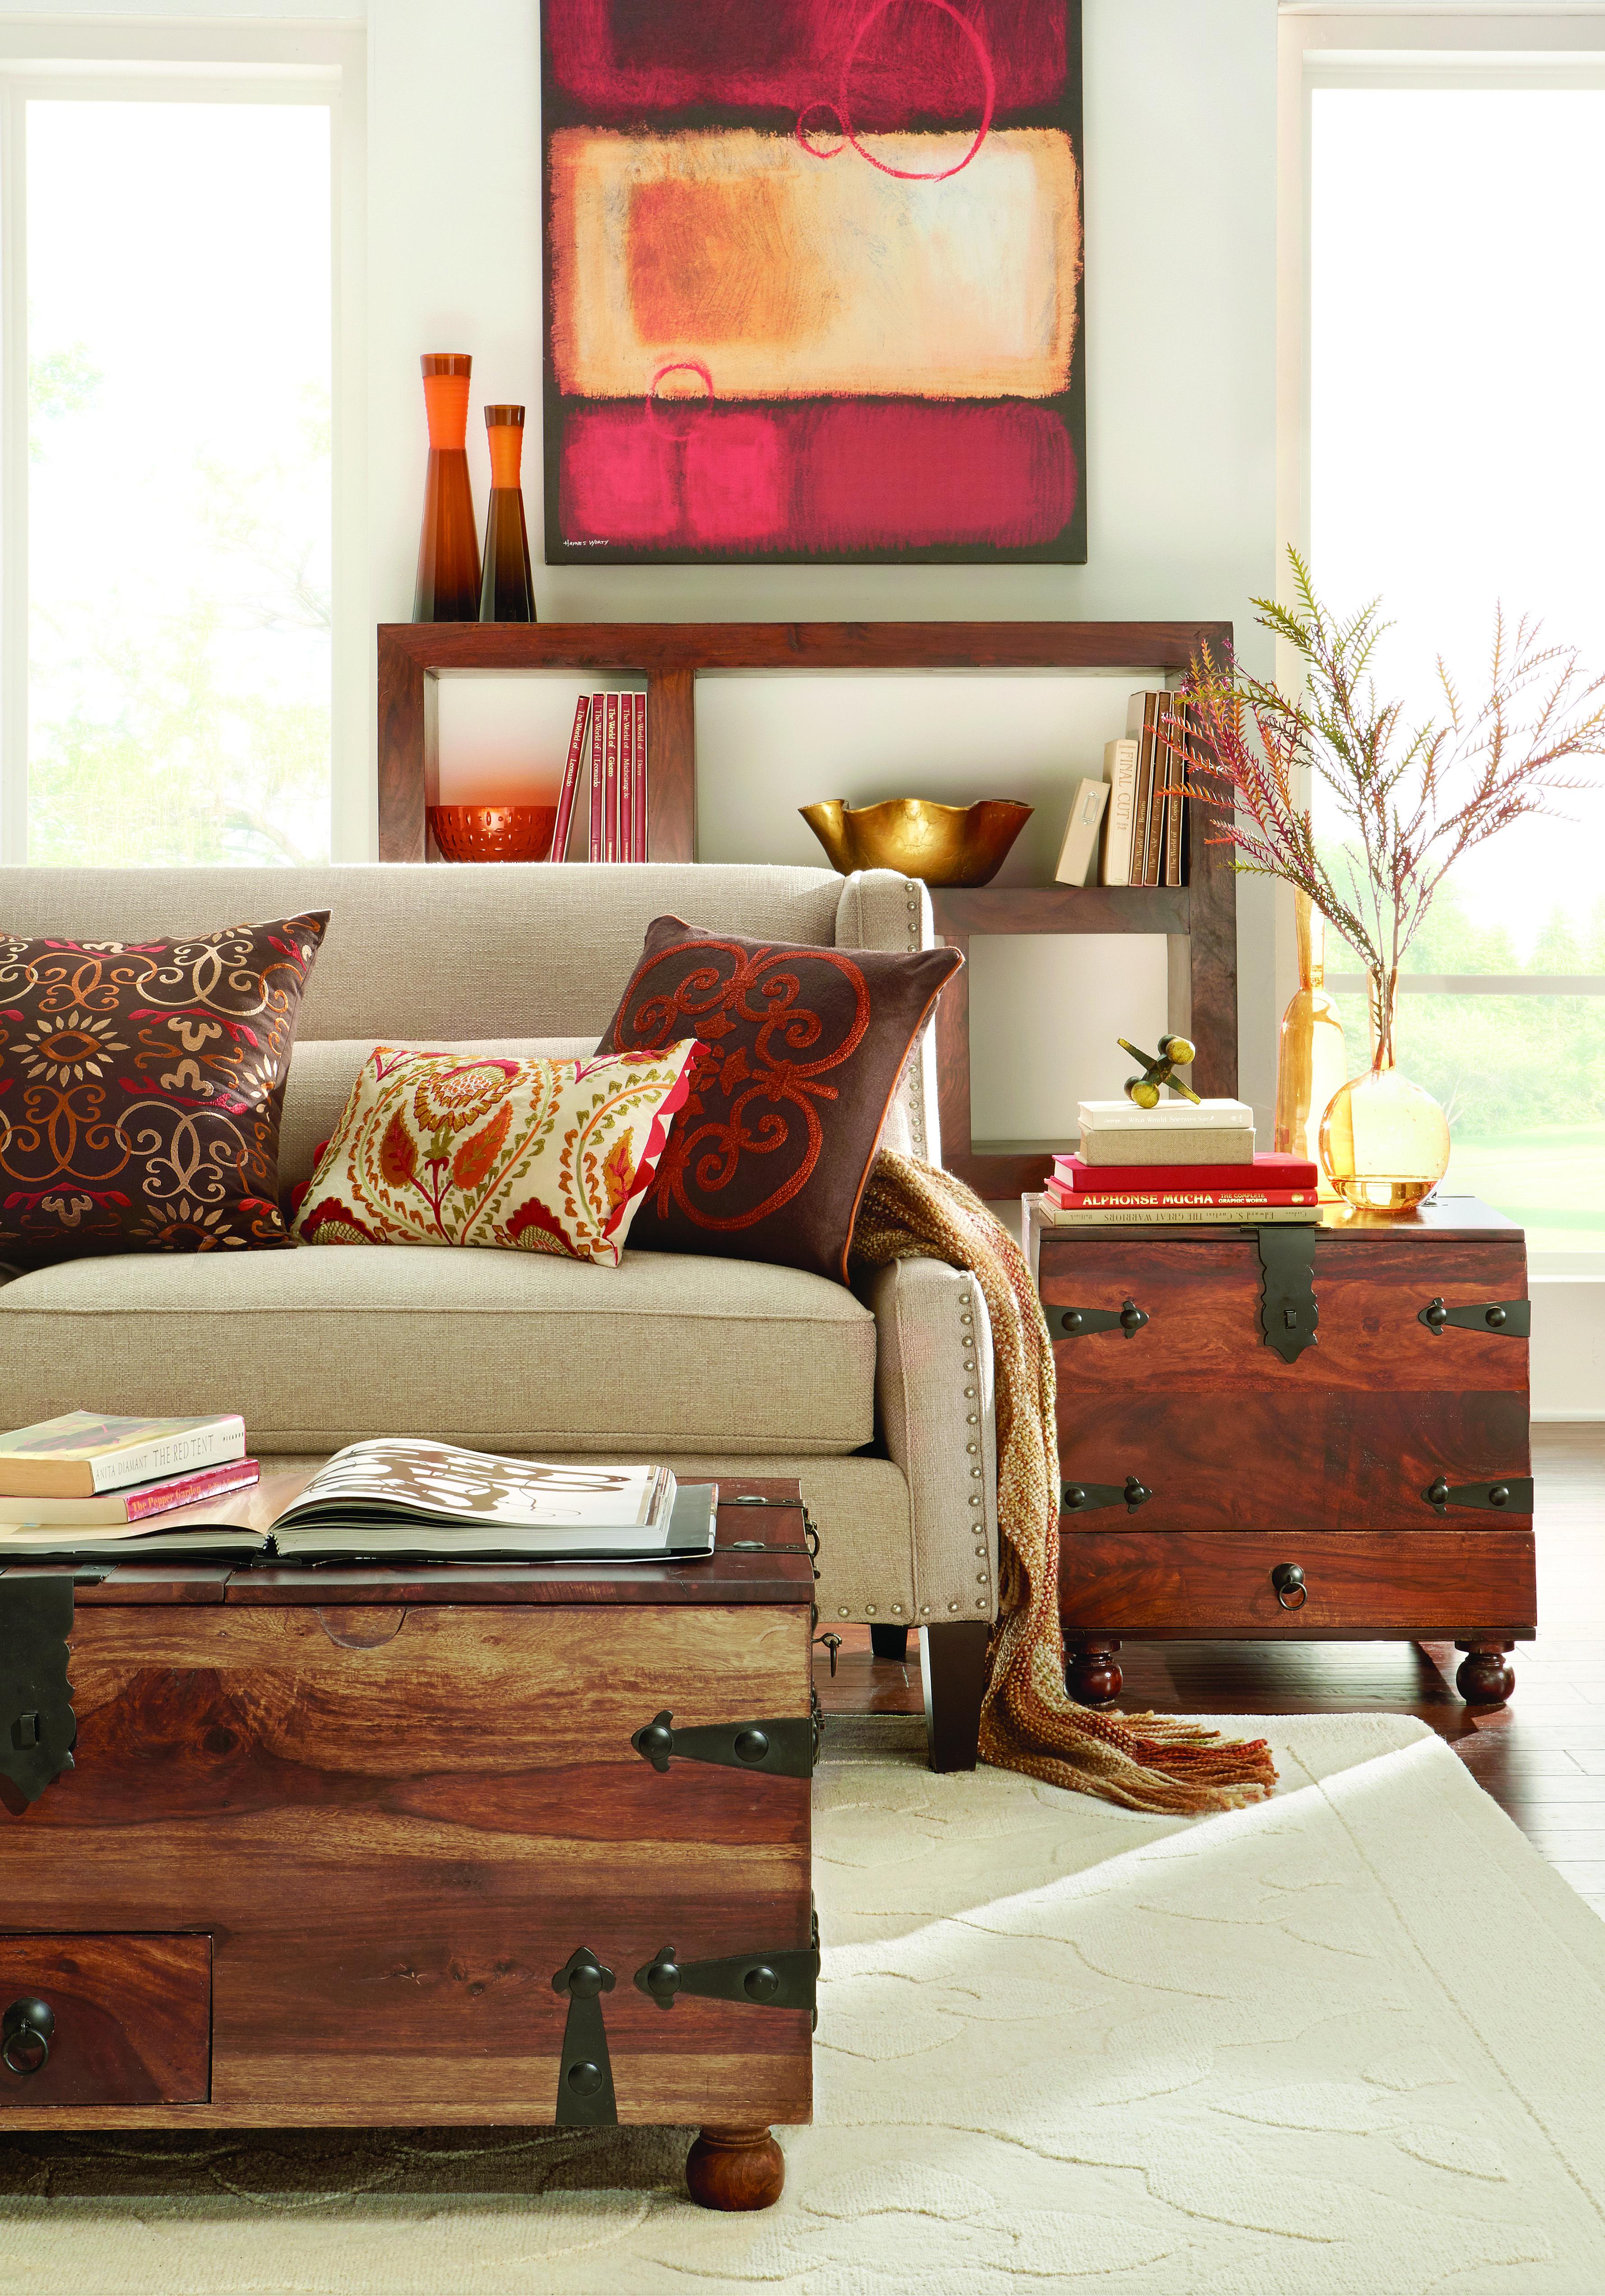 HomeDecorators.com | Orange room decor, Home decorators ...